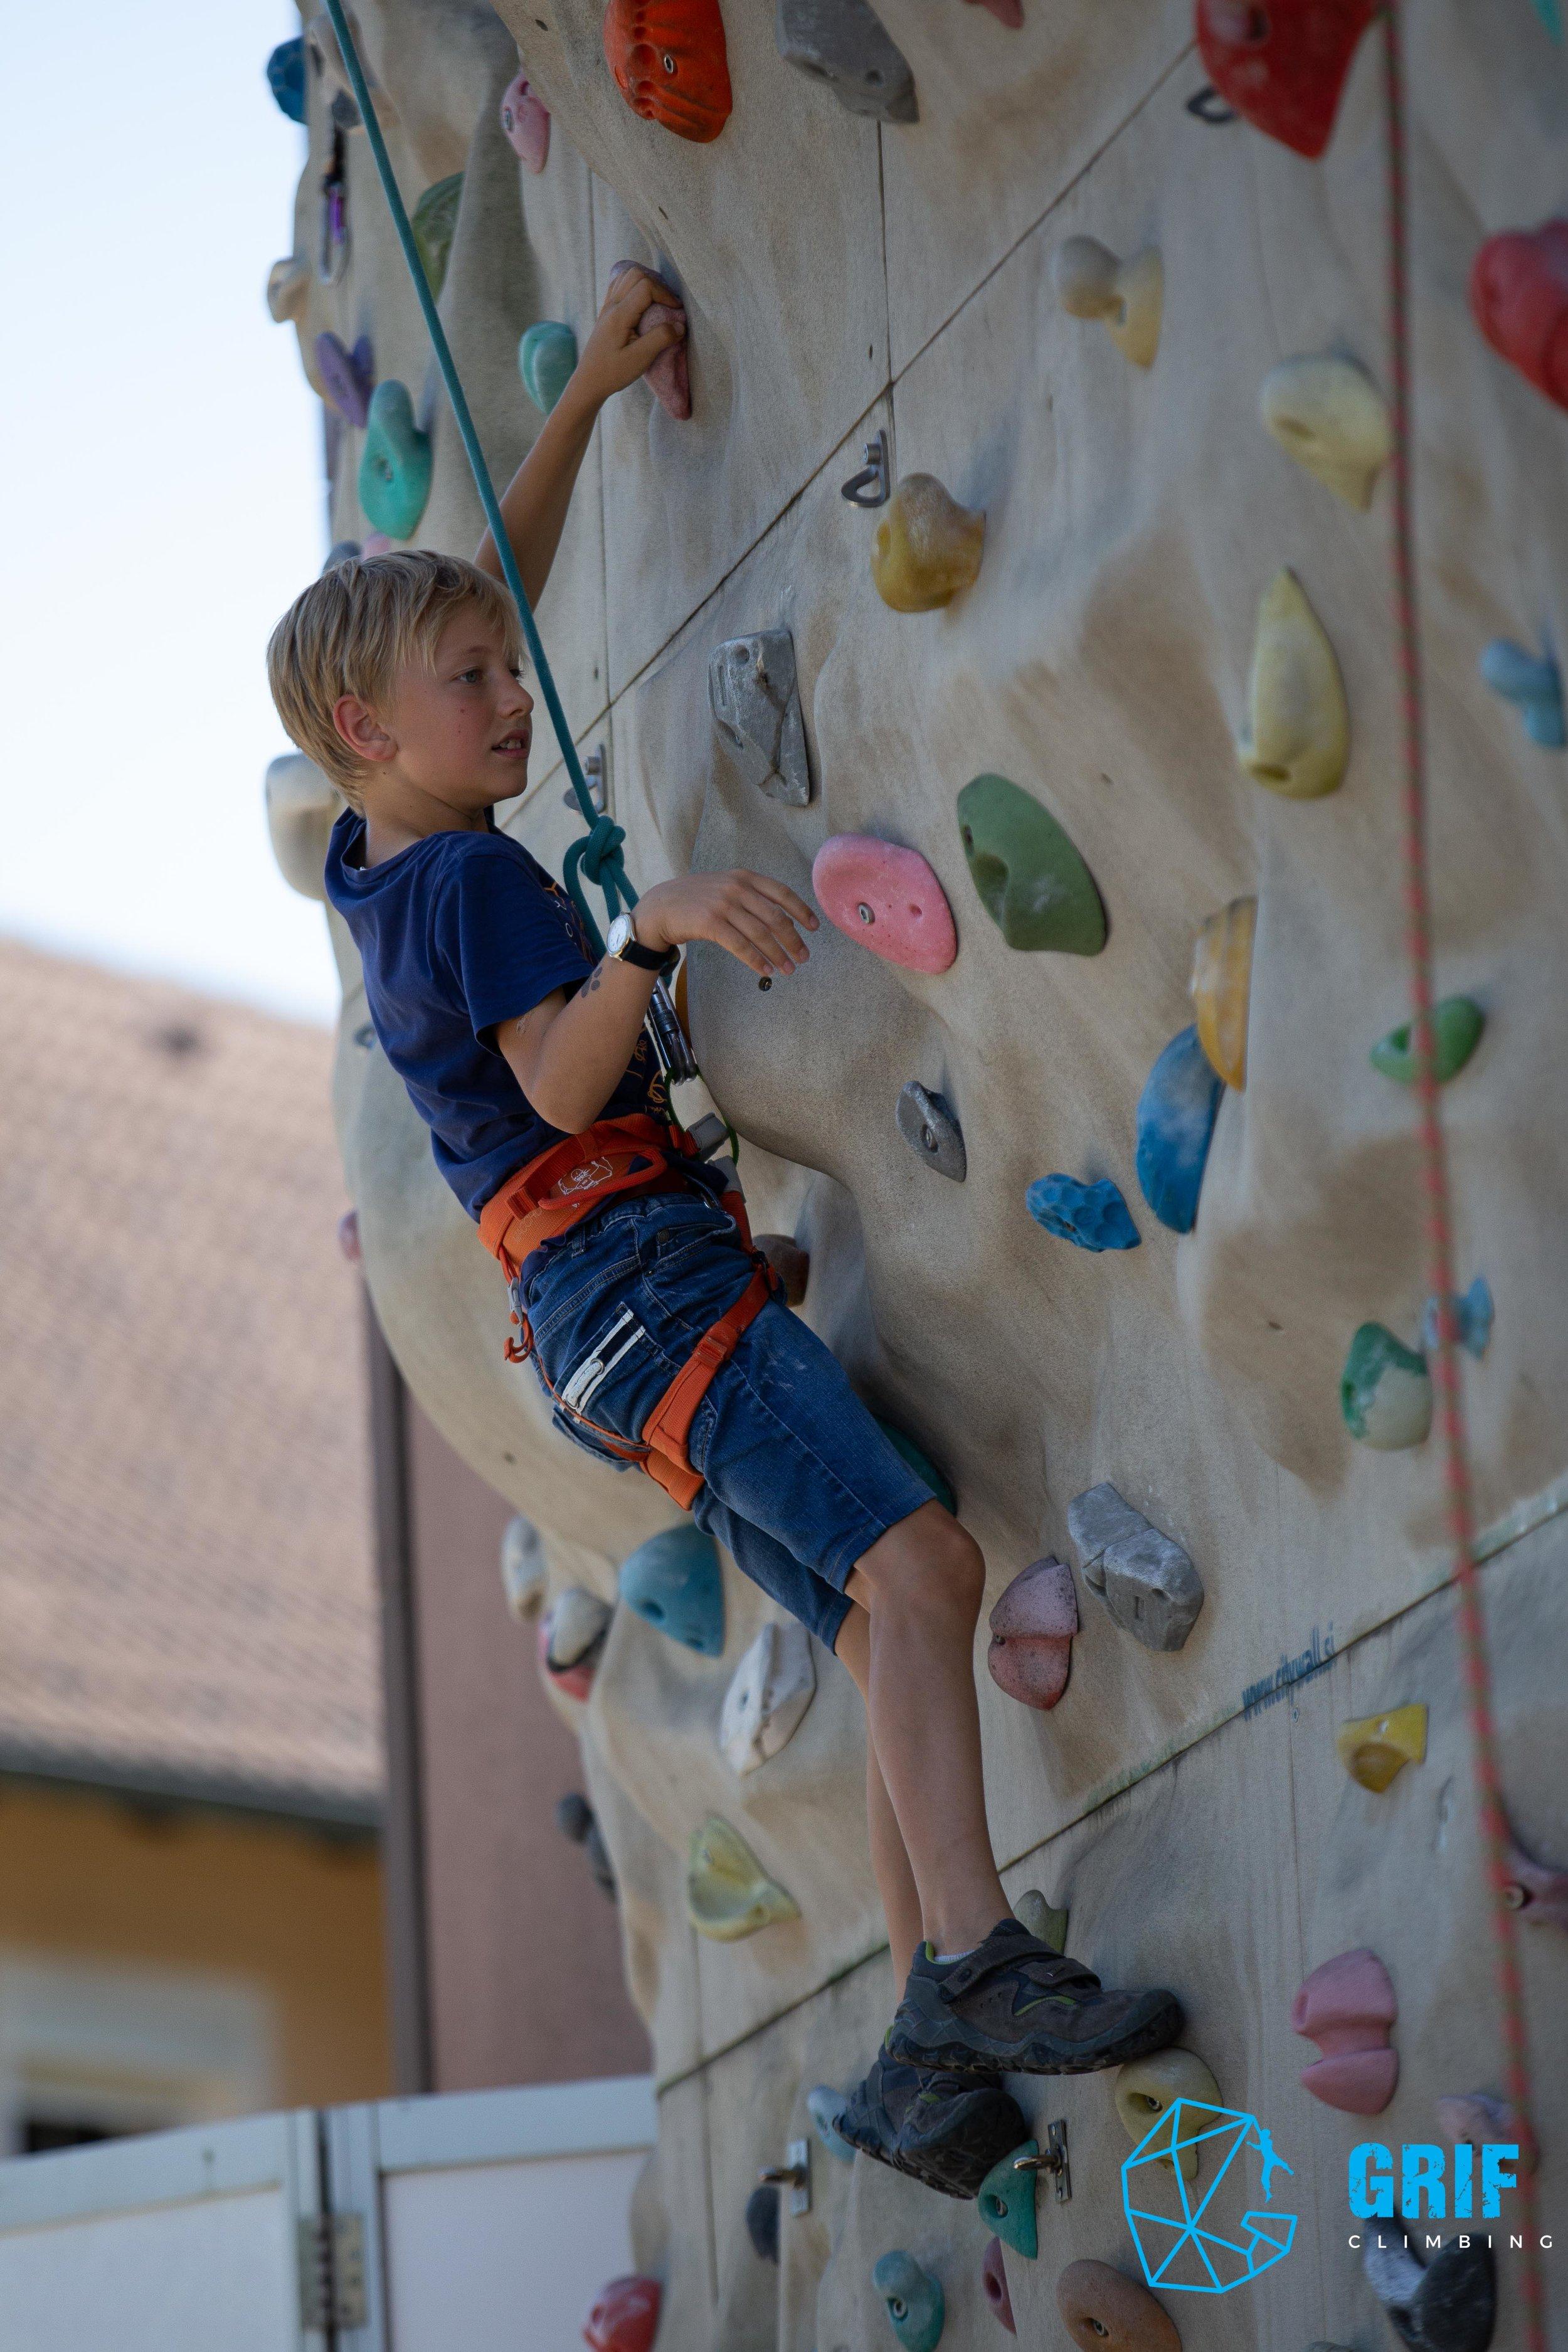 Aktivno počitniško varstvo za otroke Plezalno društvo Grif105.jpg